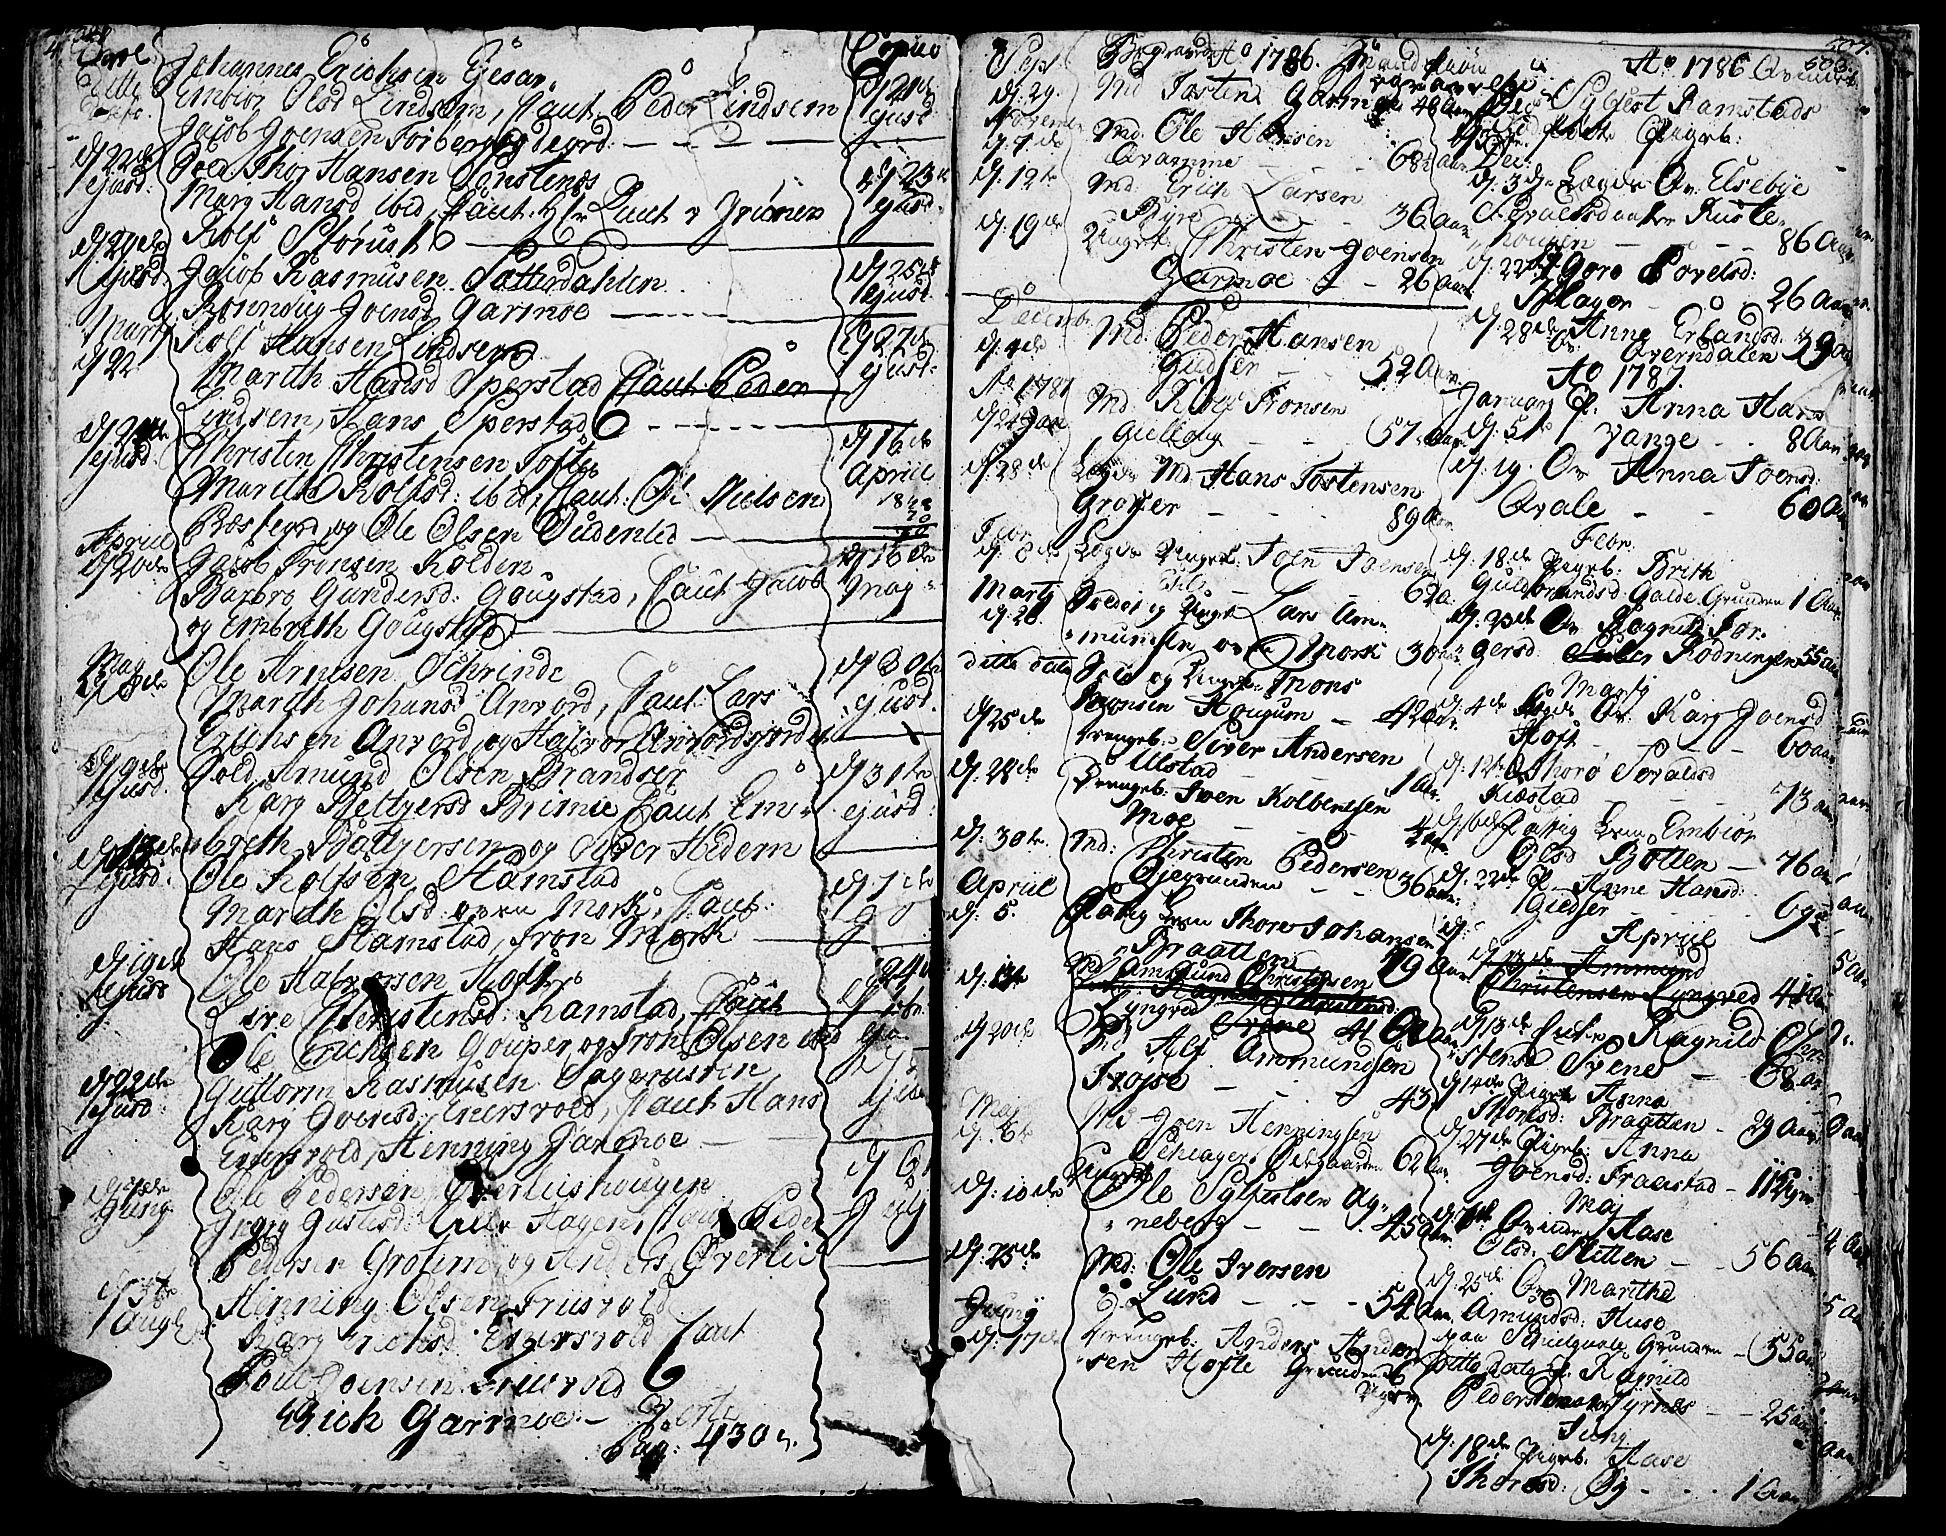 SAH, Lom prestekontor, K/L0002: Ministerialbok nr. 2, 1749-1801, s. 502-503